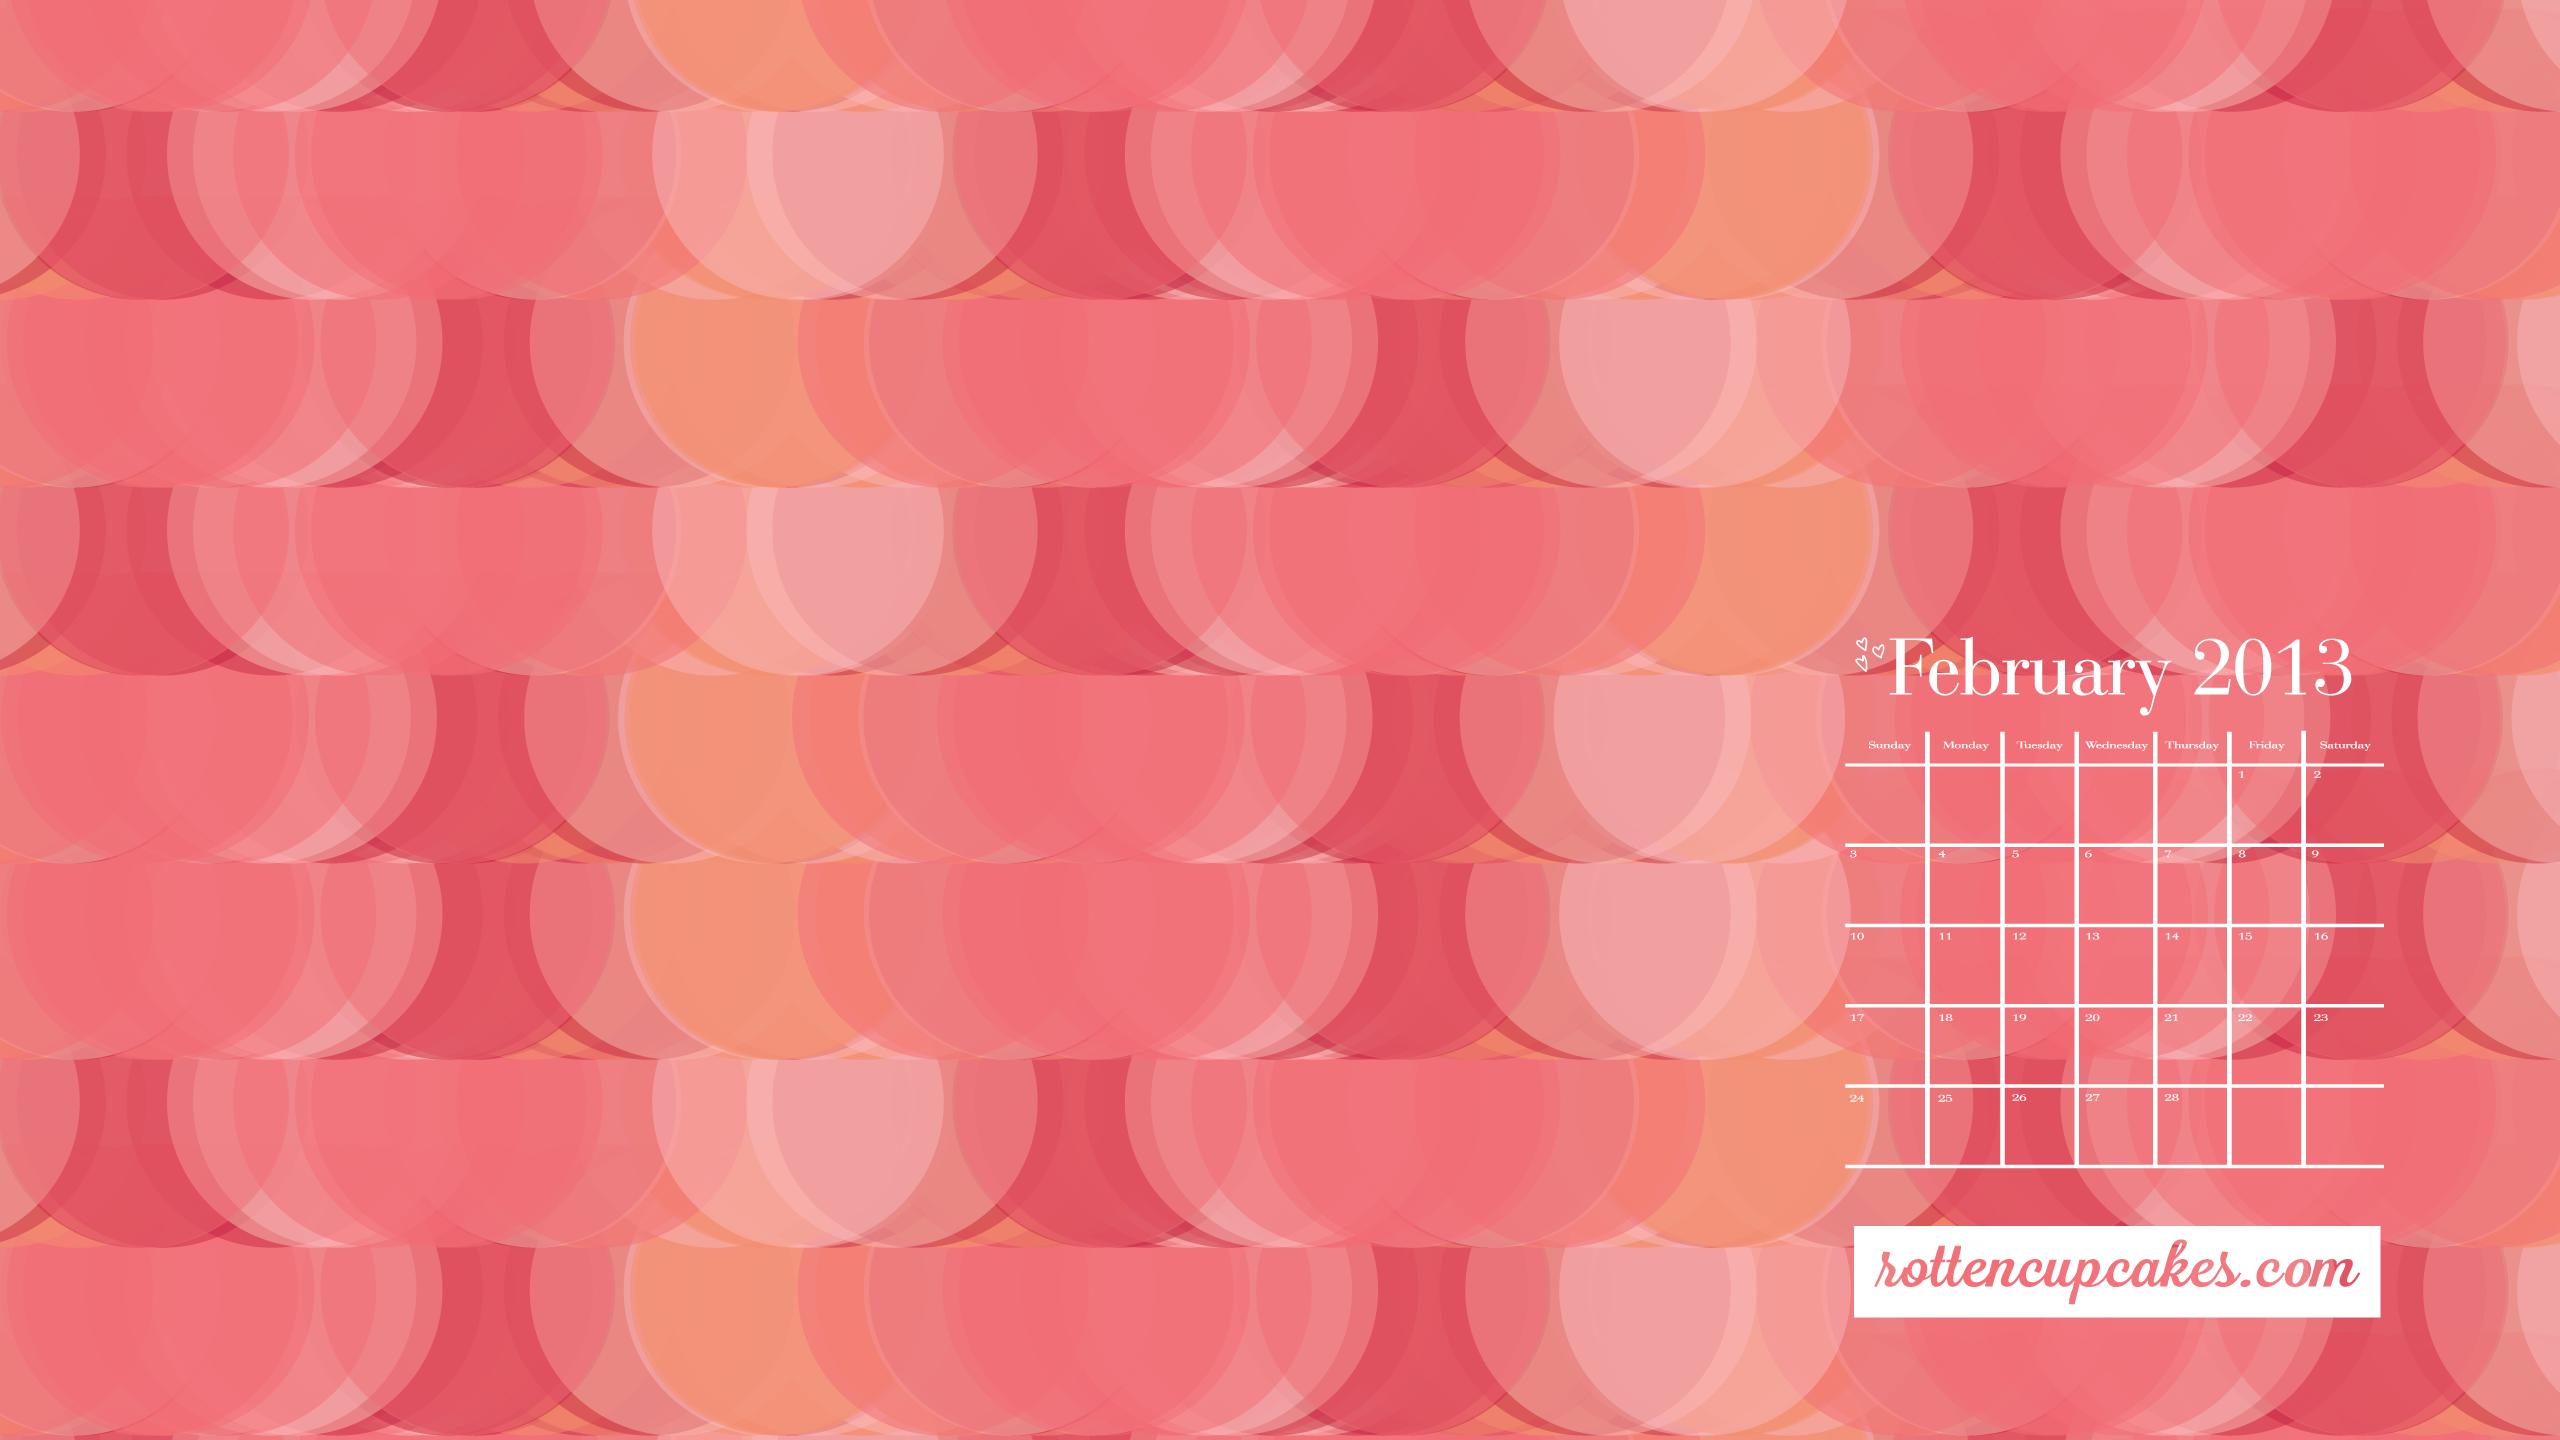 February desktop wallpapers iphone calendar   1298160 2560x1440